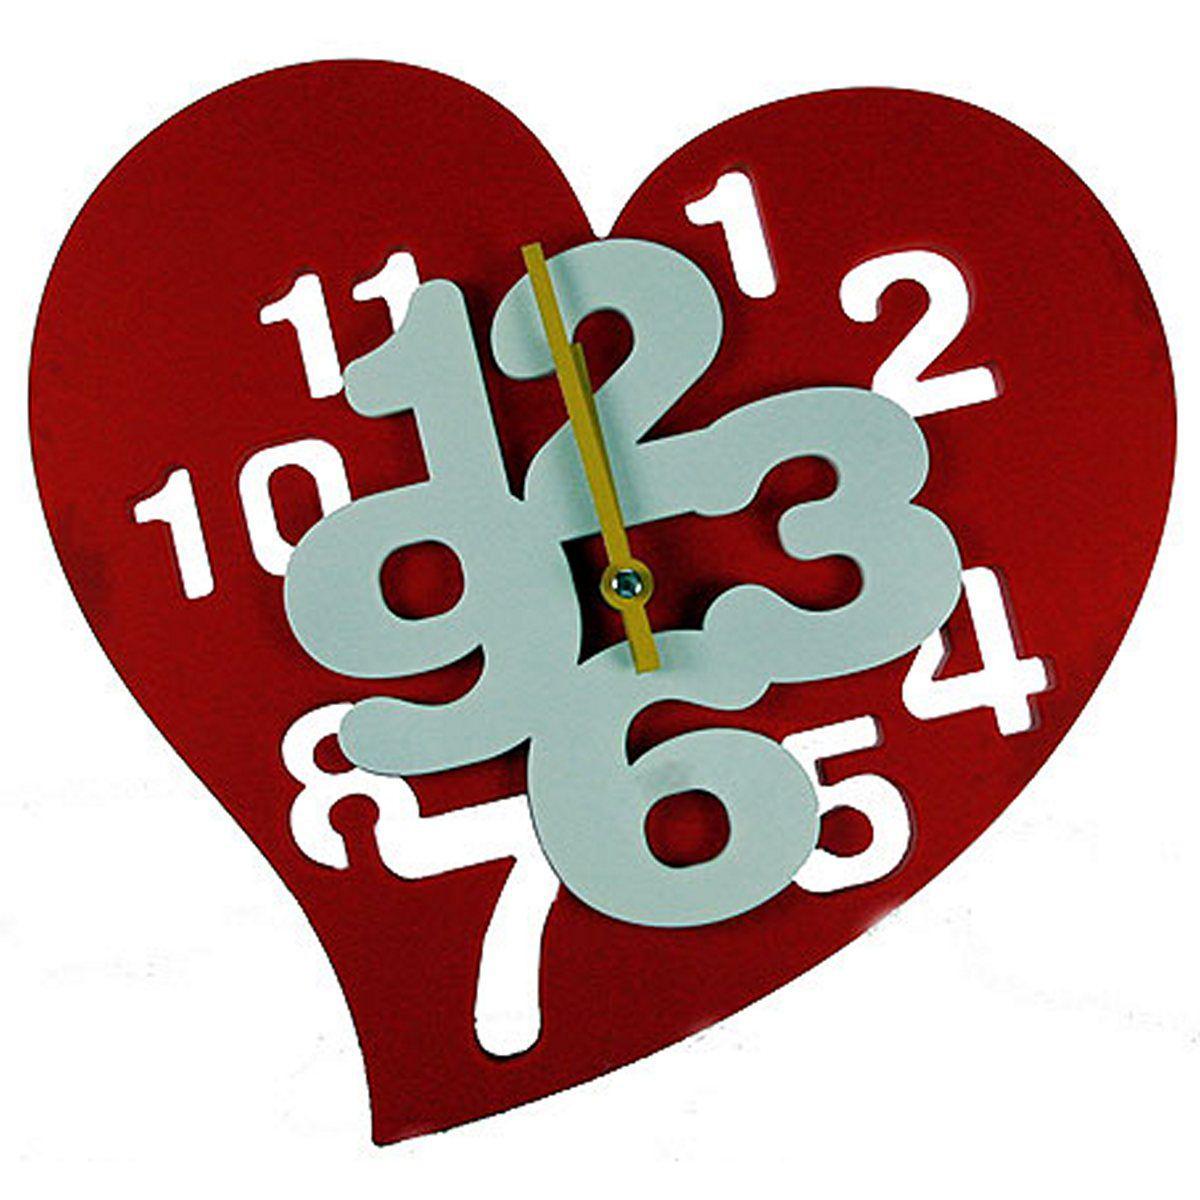 Часы настенные Русские Подарки Сердечко. 222419222419Часы настенные Русские Подарки Сердечко изготовлены из пластика. Корпус оригинально оформлен в виде сердца. Часы имеют две стрелки - часовую и минутную. С обратной стороны имеется петелька для подвешивания на стену.Такие часы красиво и необычно оформят интерьер дома или офиса. Также часы могут стать уникальным, полезным подарком для родственников, коллег, знакомых и близких. Часы работают от батареек типа АА (в комплект не входят).